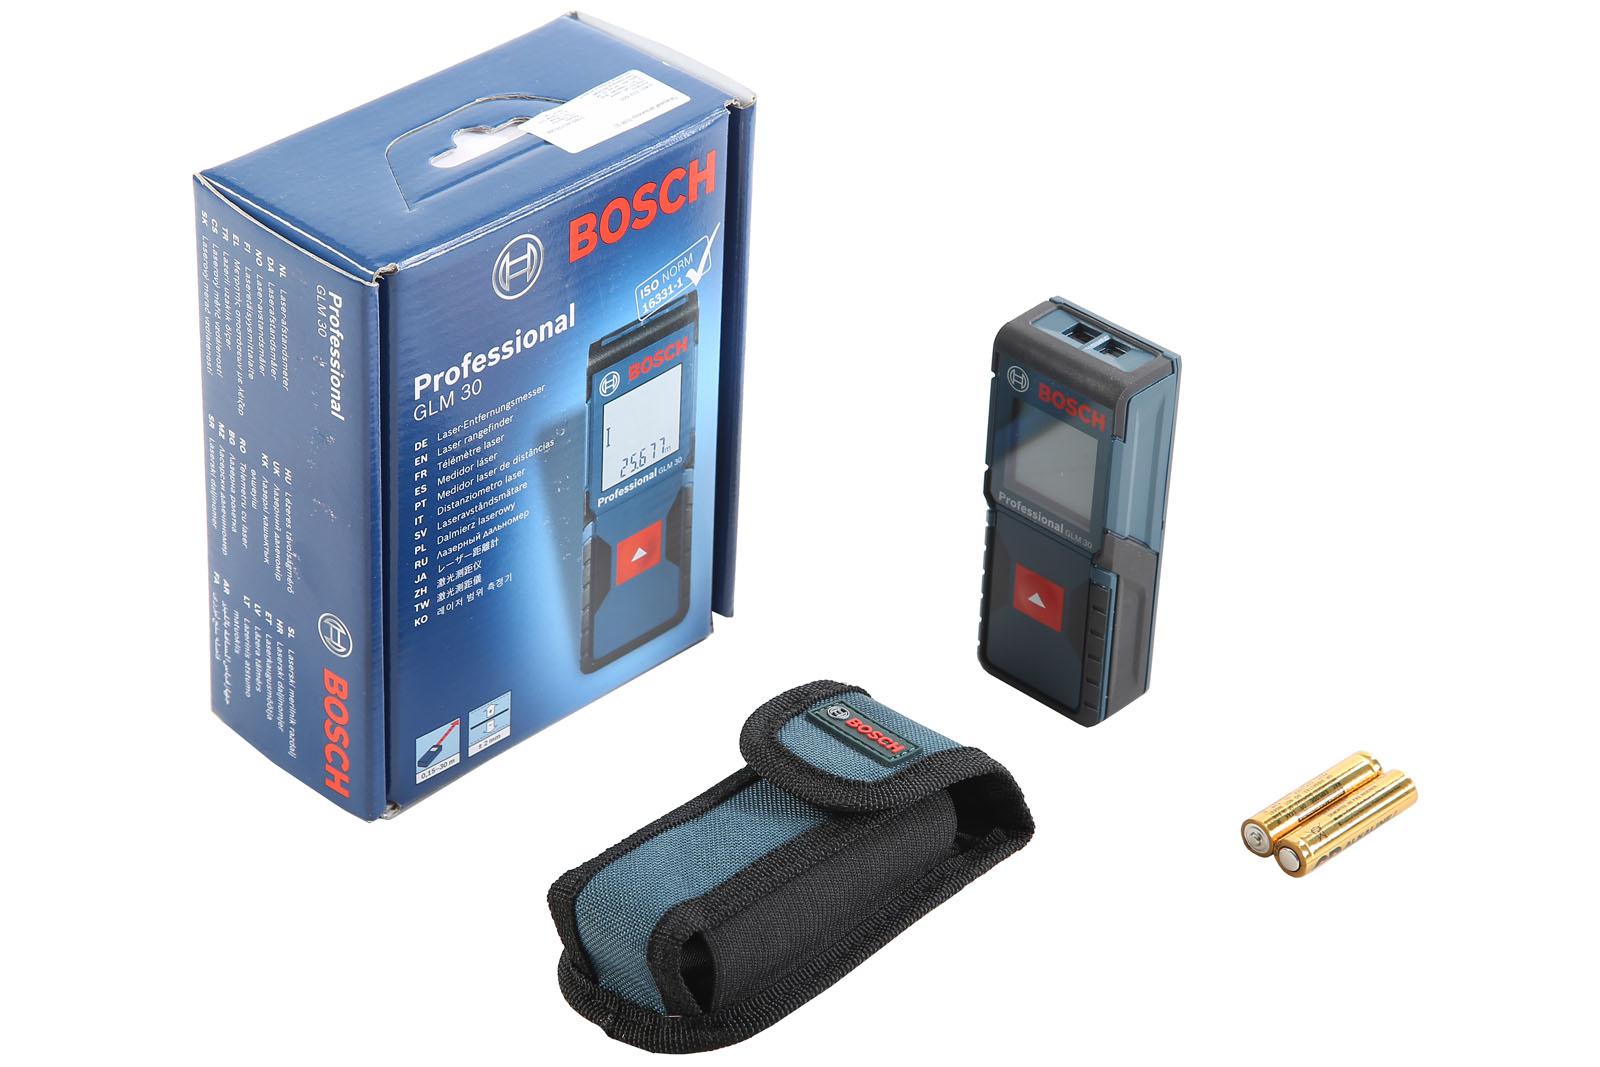 Bosch entfernungsmesser glm laser entfernungsmesser glm c mit